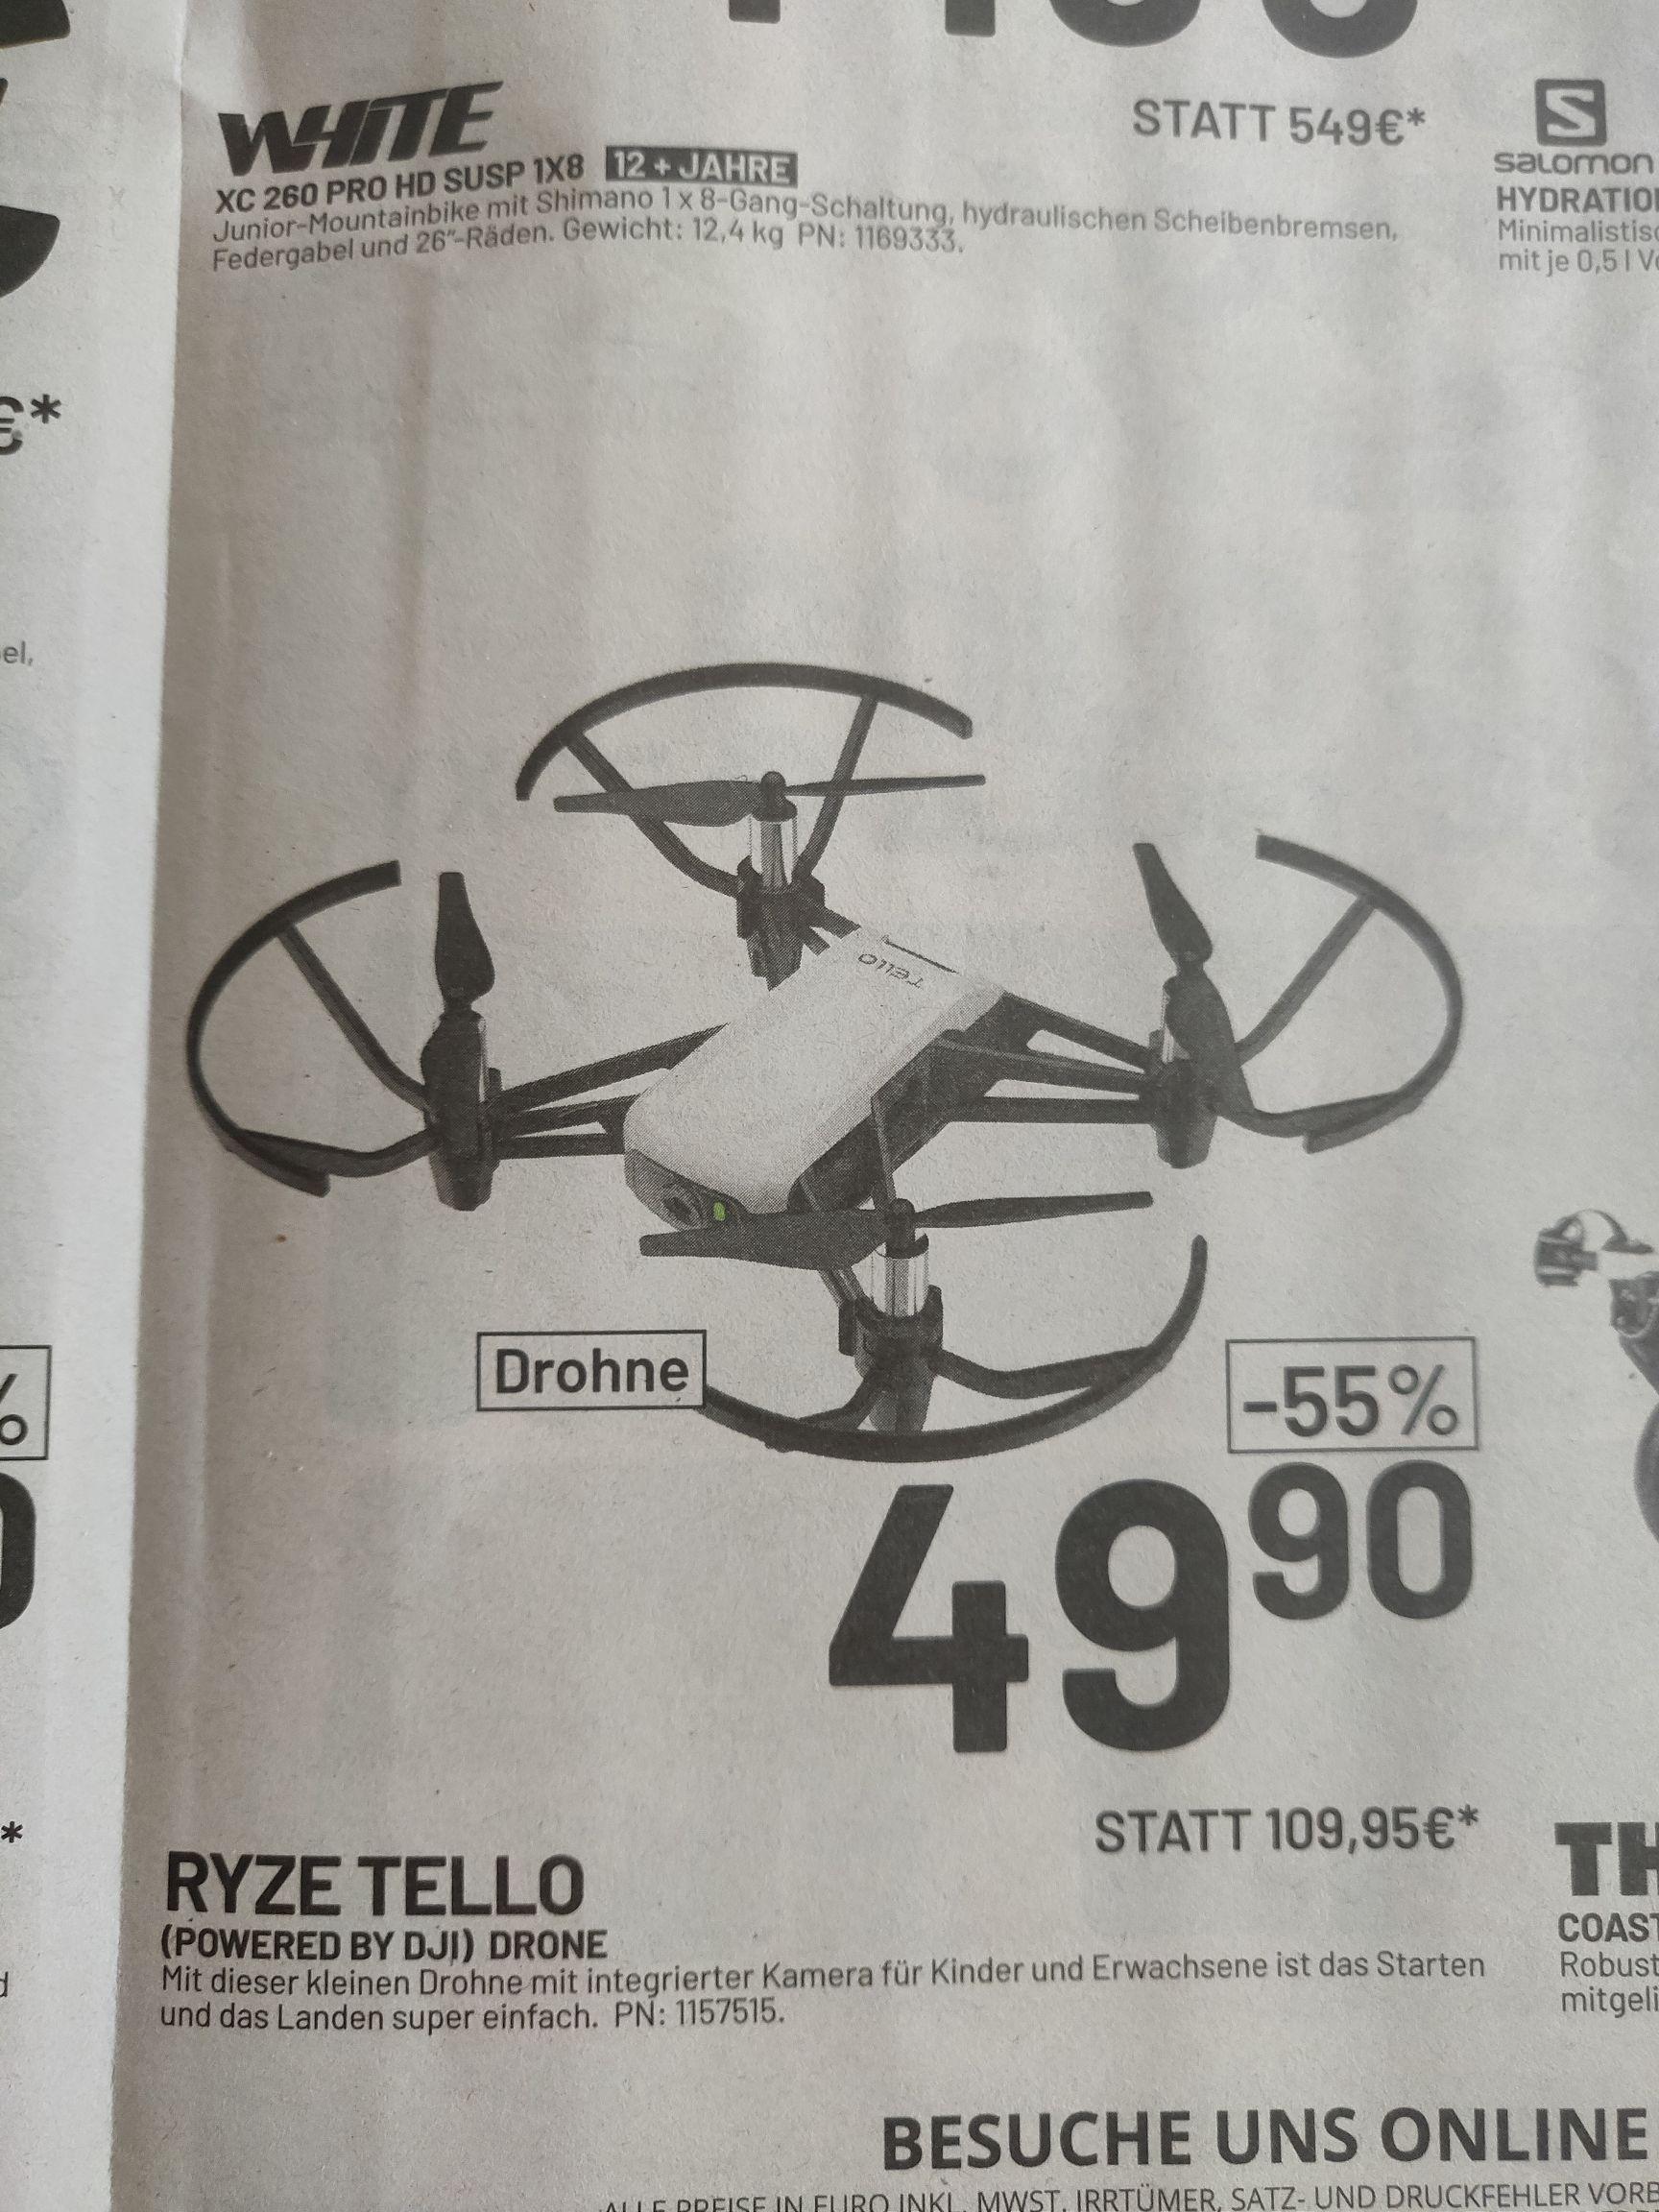 Ryze Tello Drohne (powered by DJI)